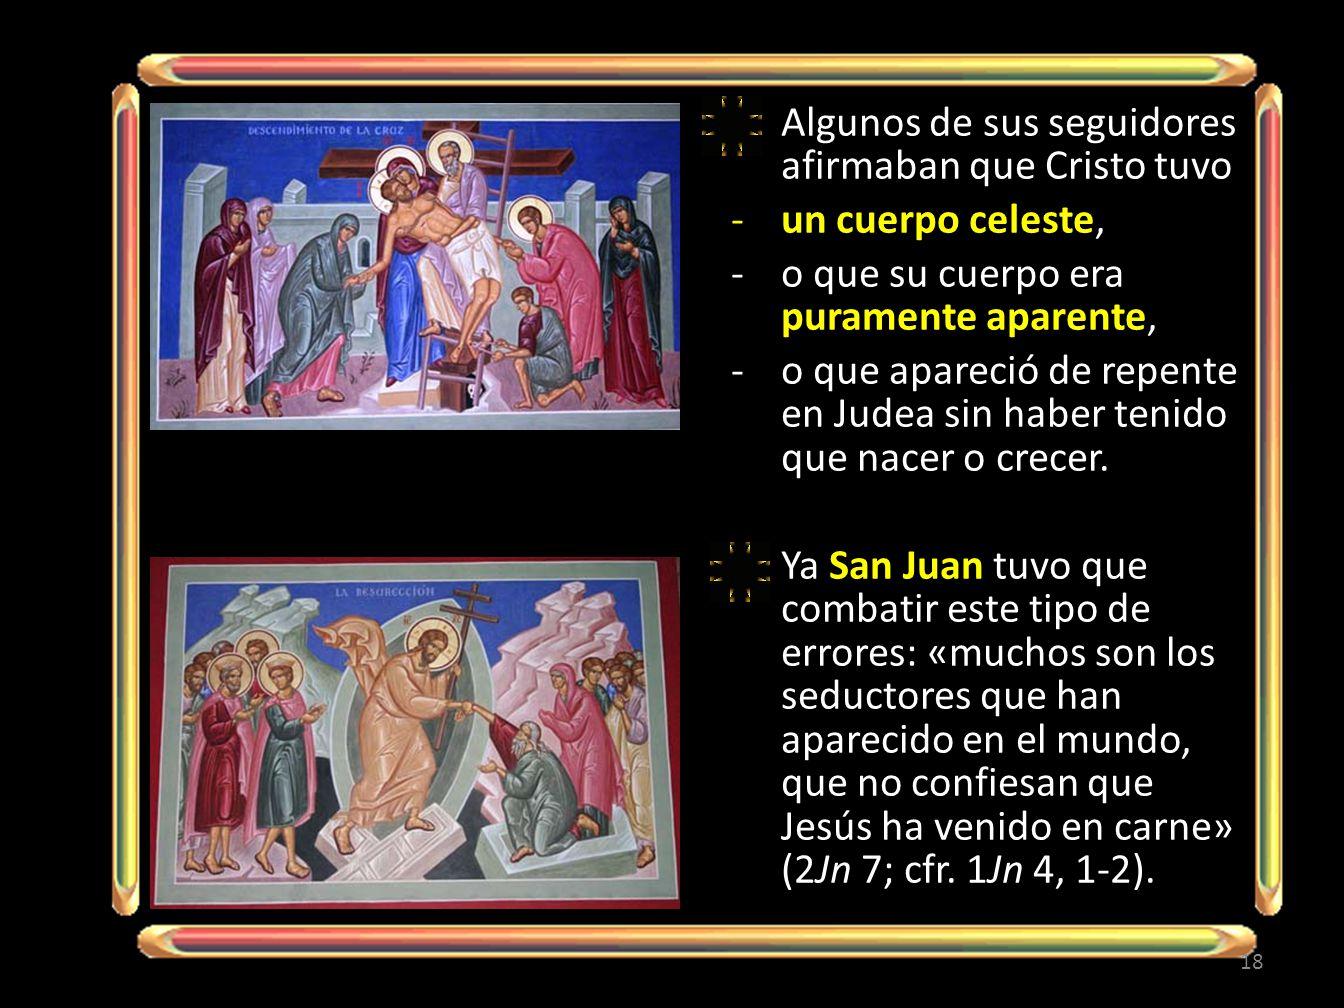 Algunos de sus seguidores afirmaban que Cristo tuvo -un cuerpo celeste, -o que su cuerpo era puramente aparente, -o que apareció de repente en Judea s